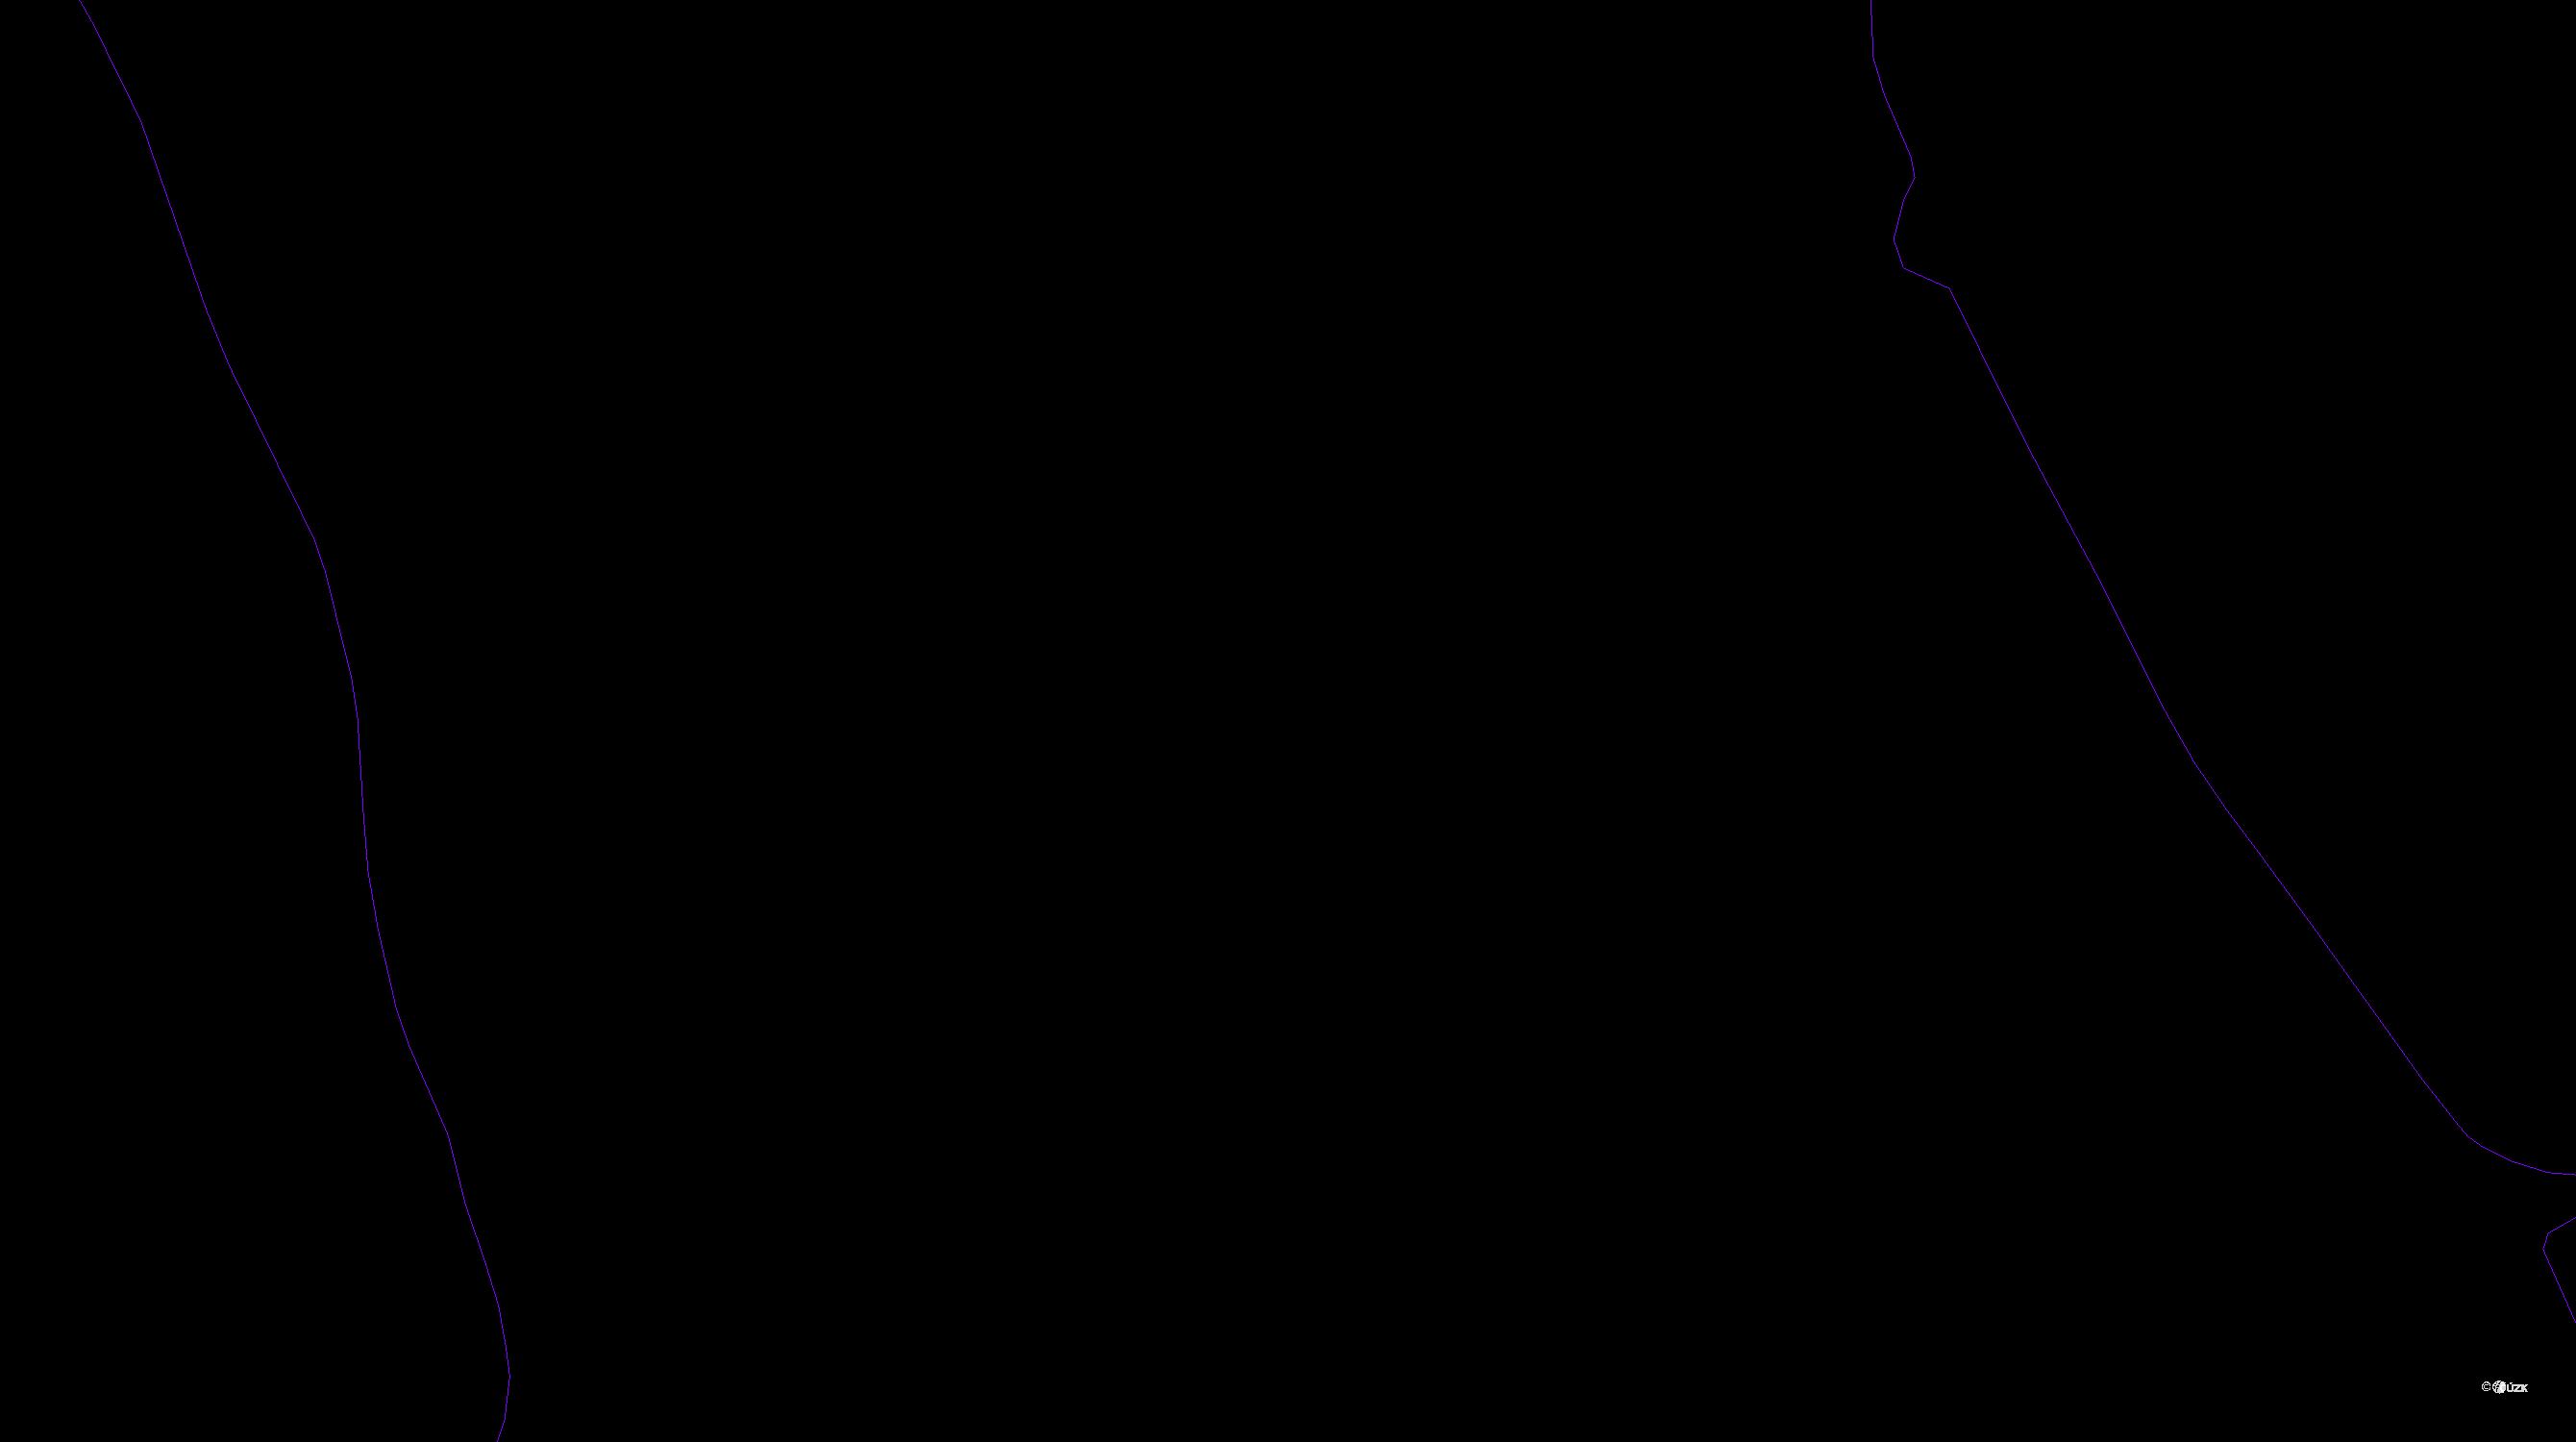 Katastrální mapa pozemků a čísla parcel Liboc u Kynšperka nad Ohří